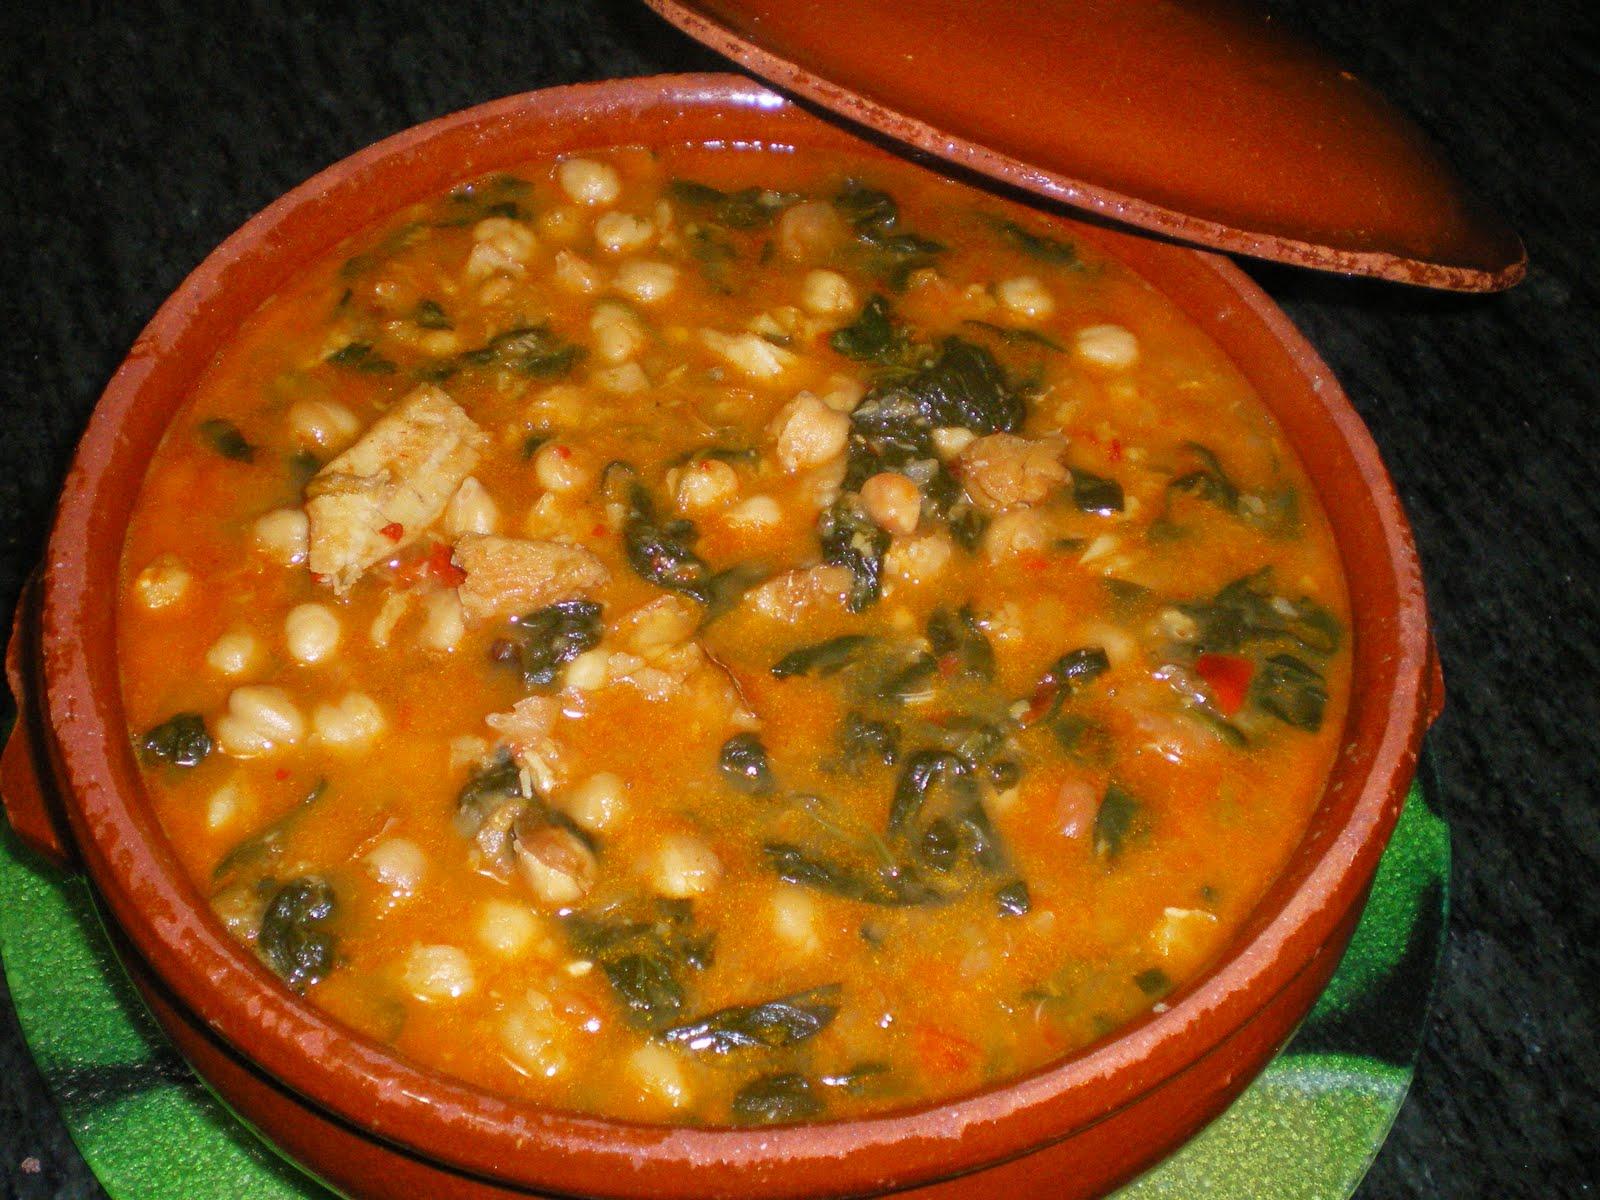 Mi cocina de dieta garbanzos con bacalao - Bacalao con garbanzos y patatas ...